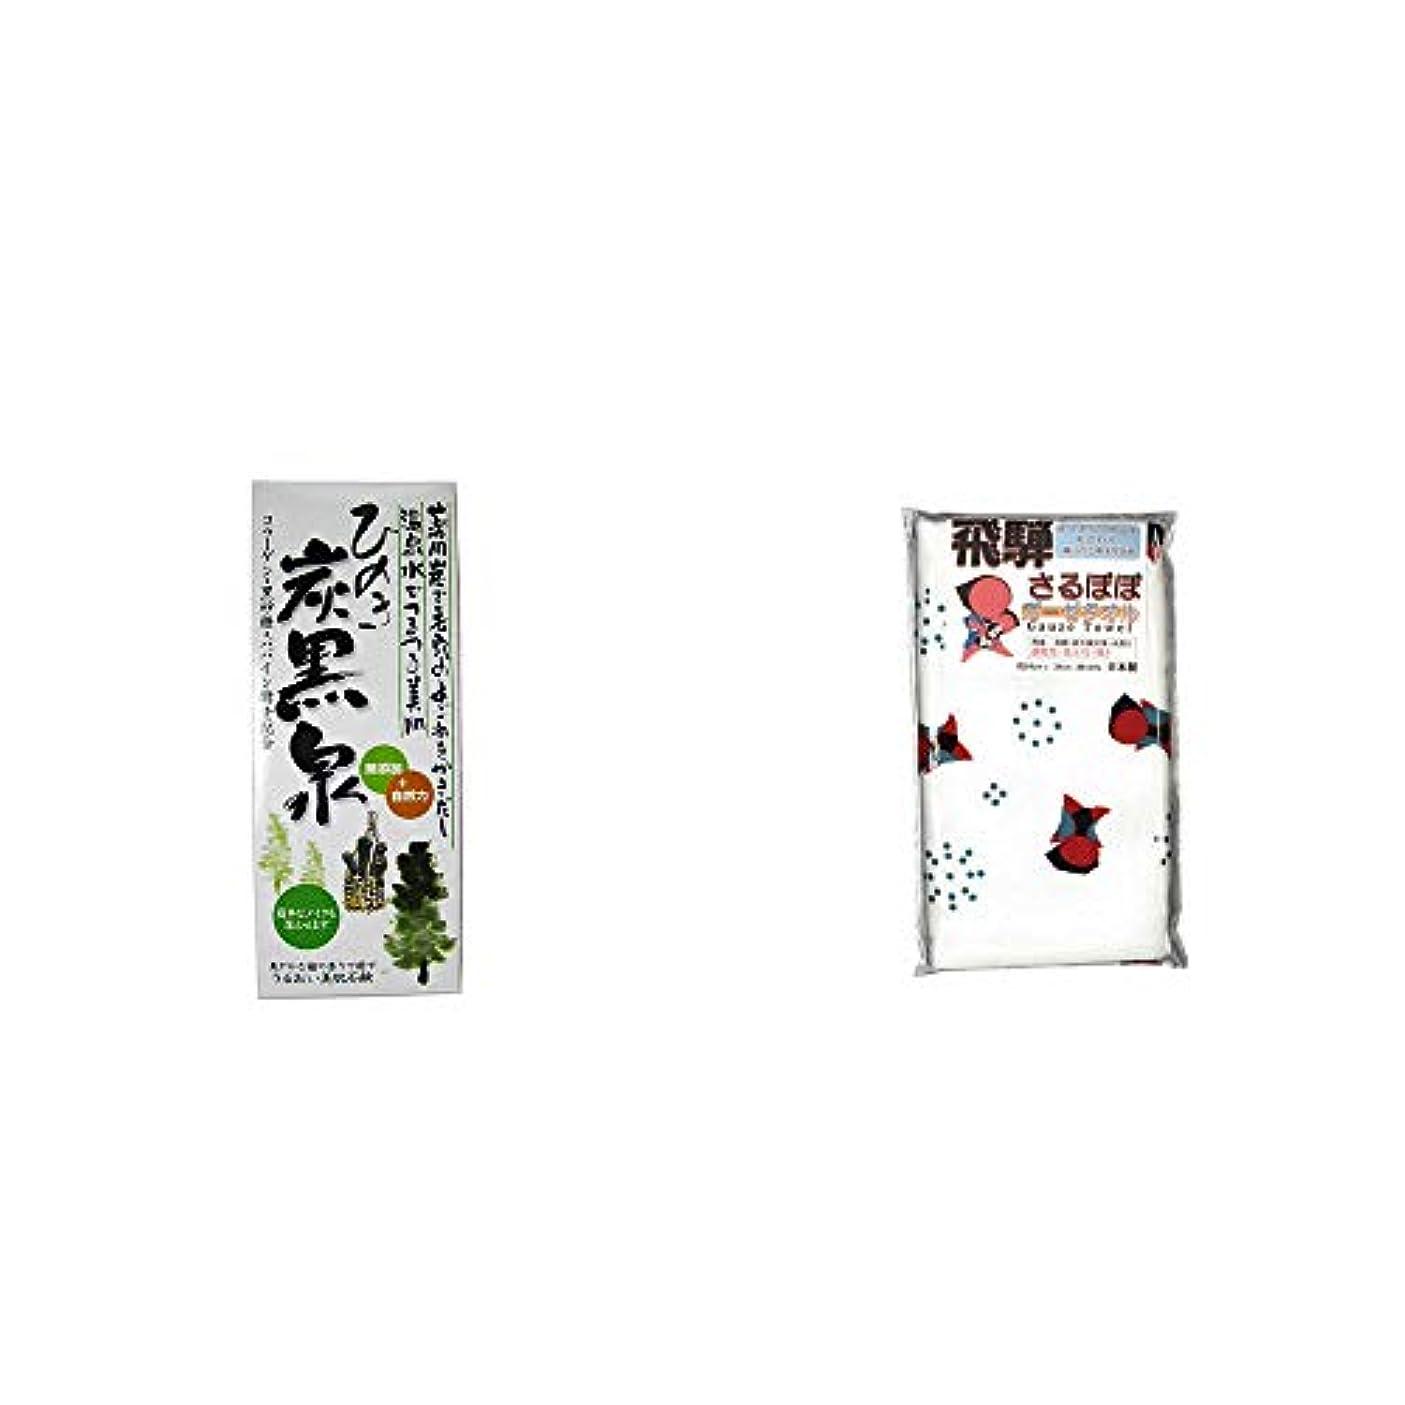 化粧オデュッセウスハブブ[2点セット] ひのき炭黒泉 箱入り(75g×3)・飛騨さるぼぼ ガーゼタオル